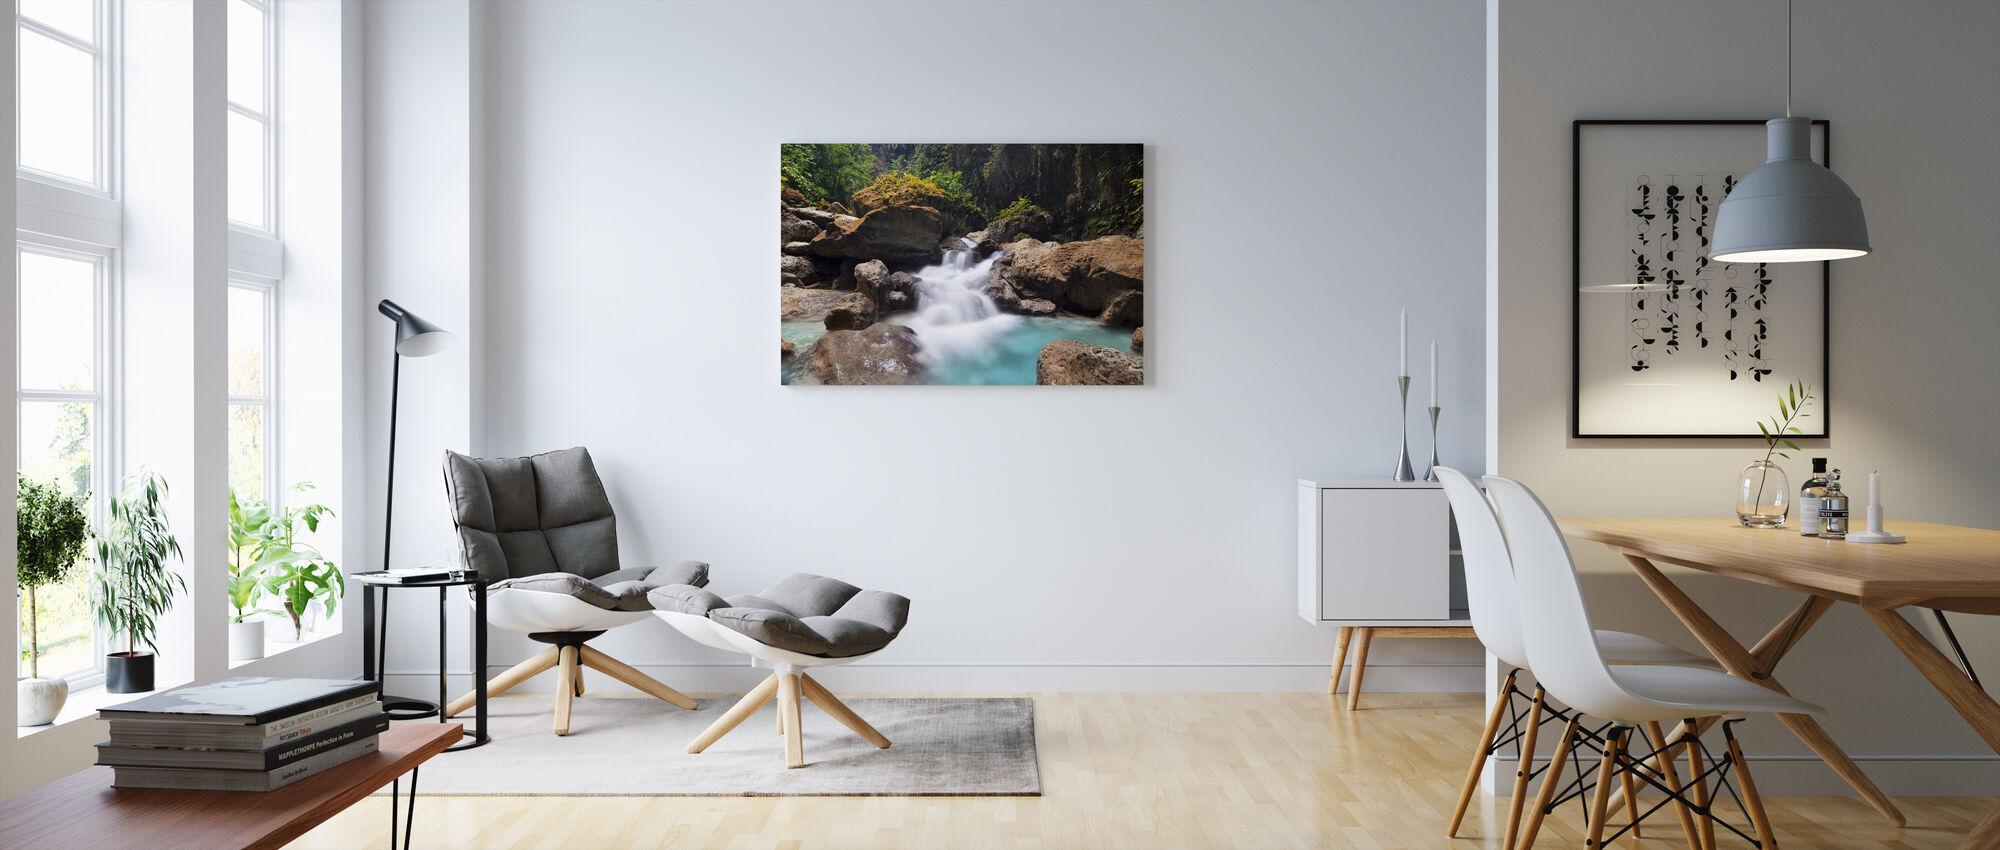 Canyon Kawasan Fallsissa I - Canvastaulu - Olohuone